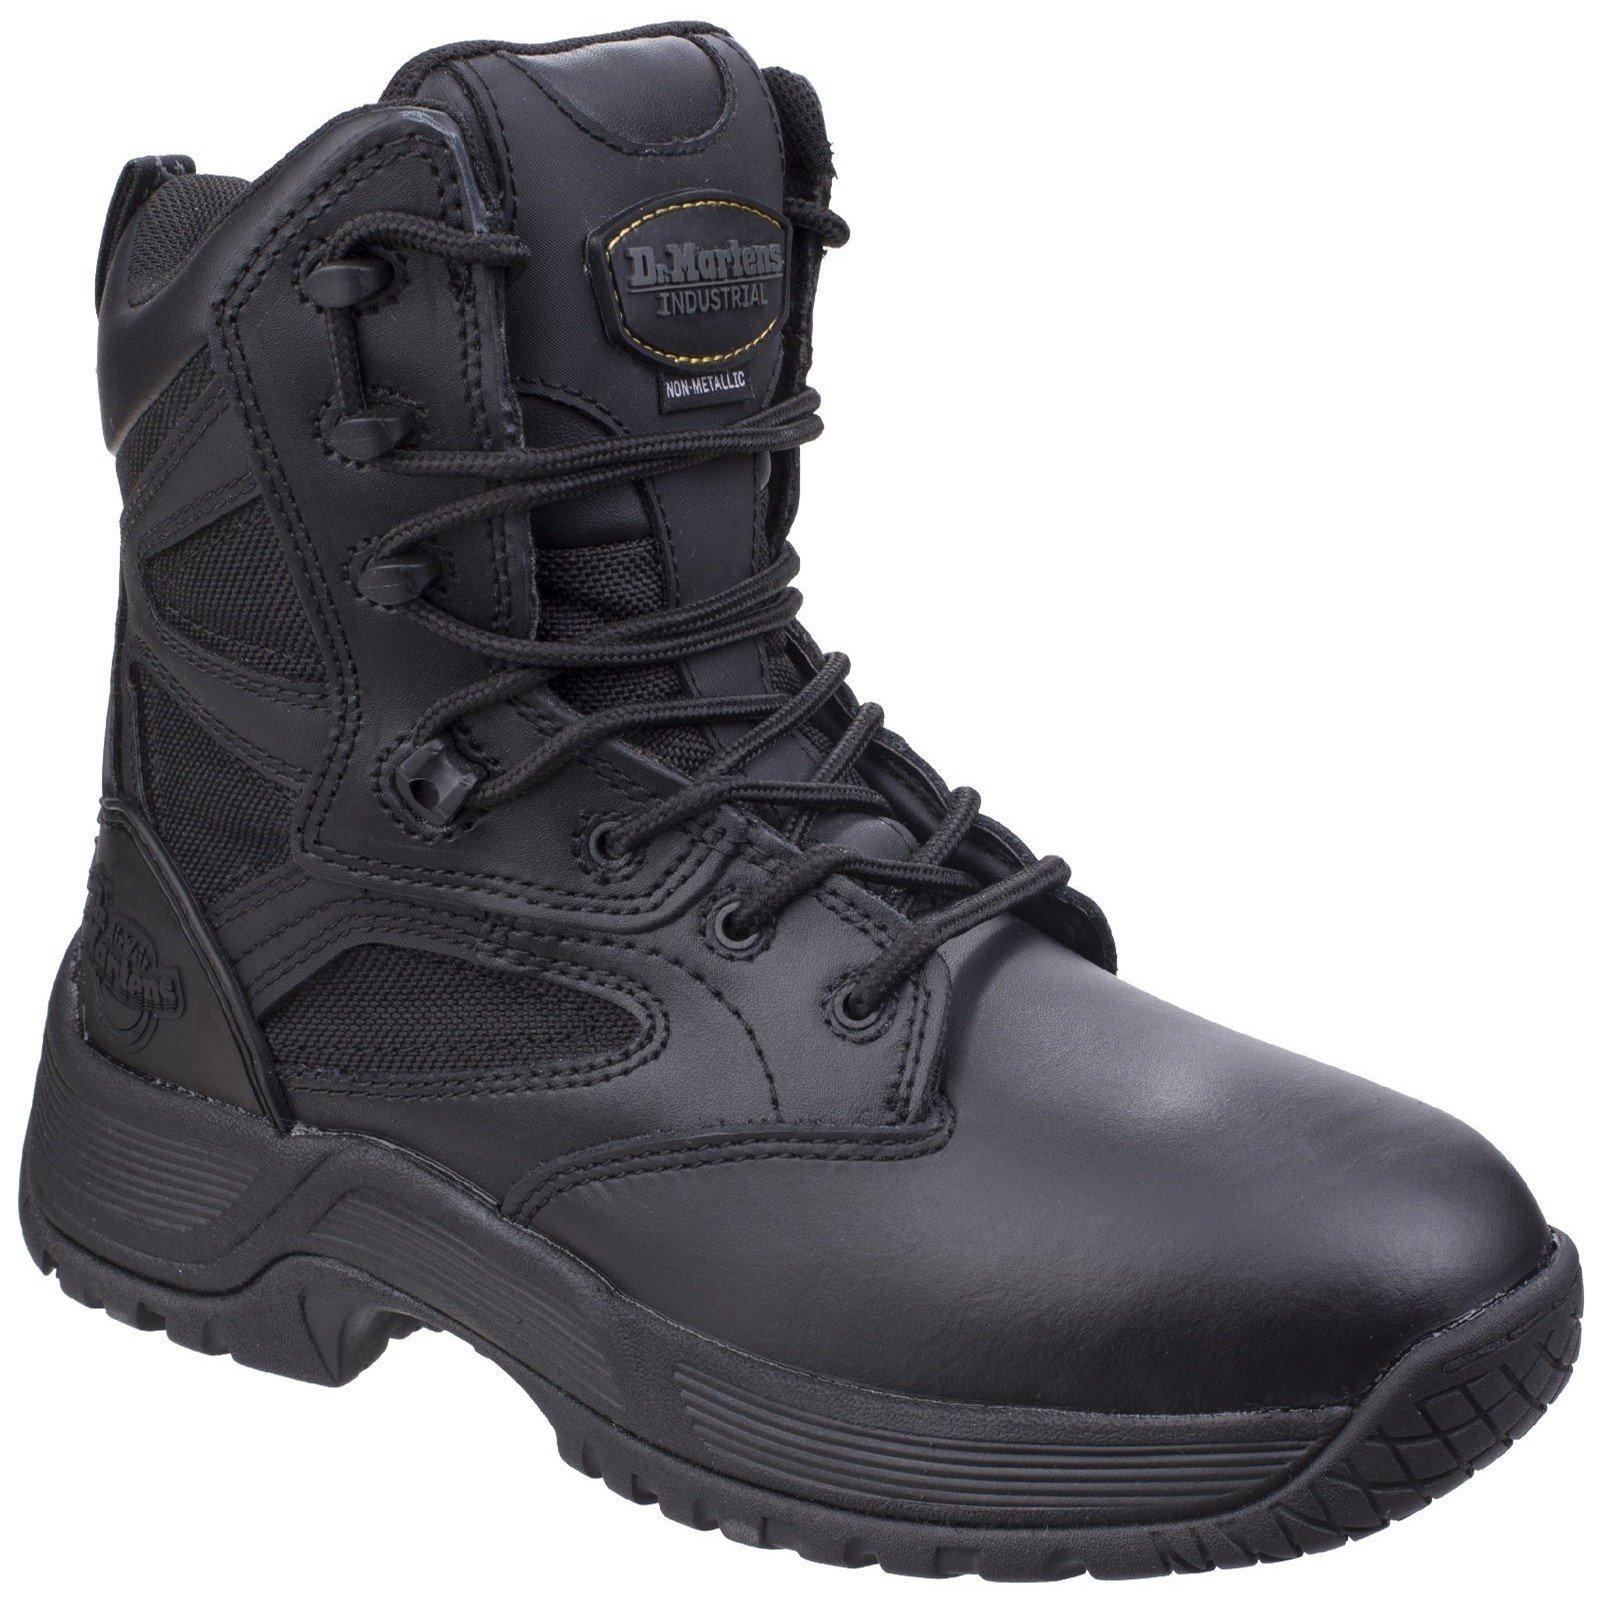 Dr Martens Unisex Skelton Service Boot Black 26028 - Black 9